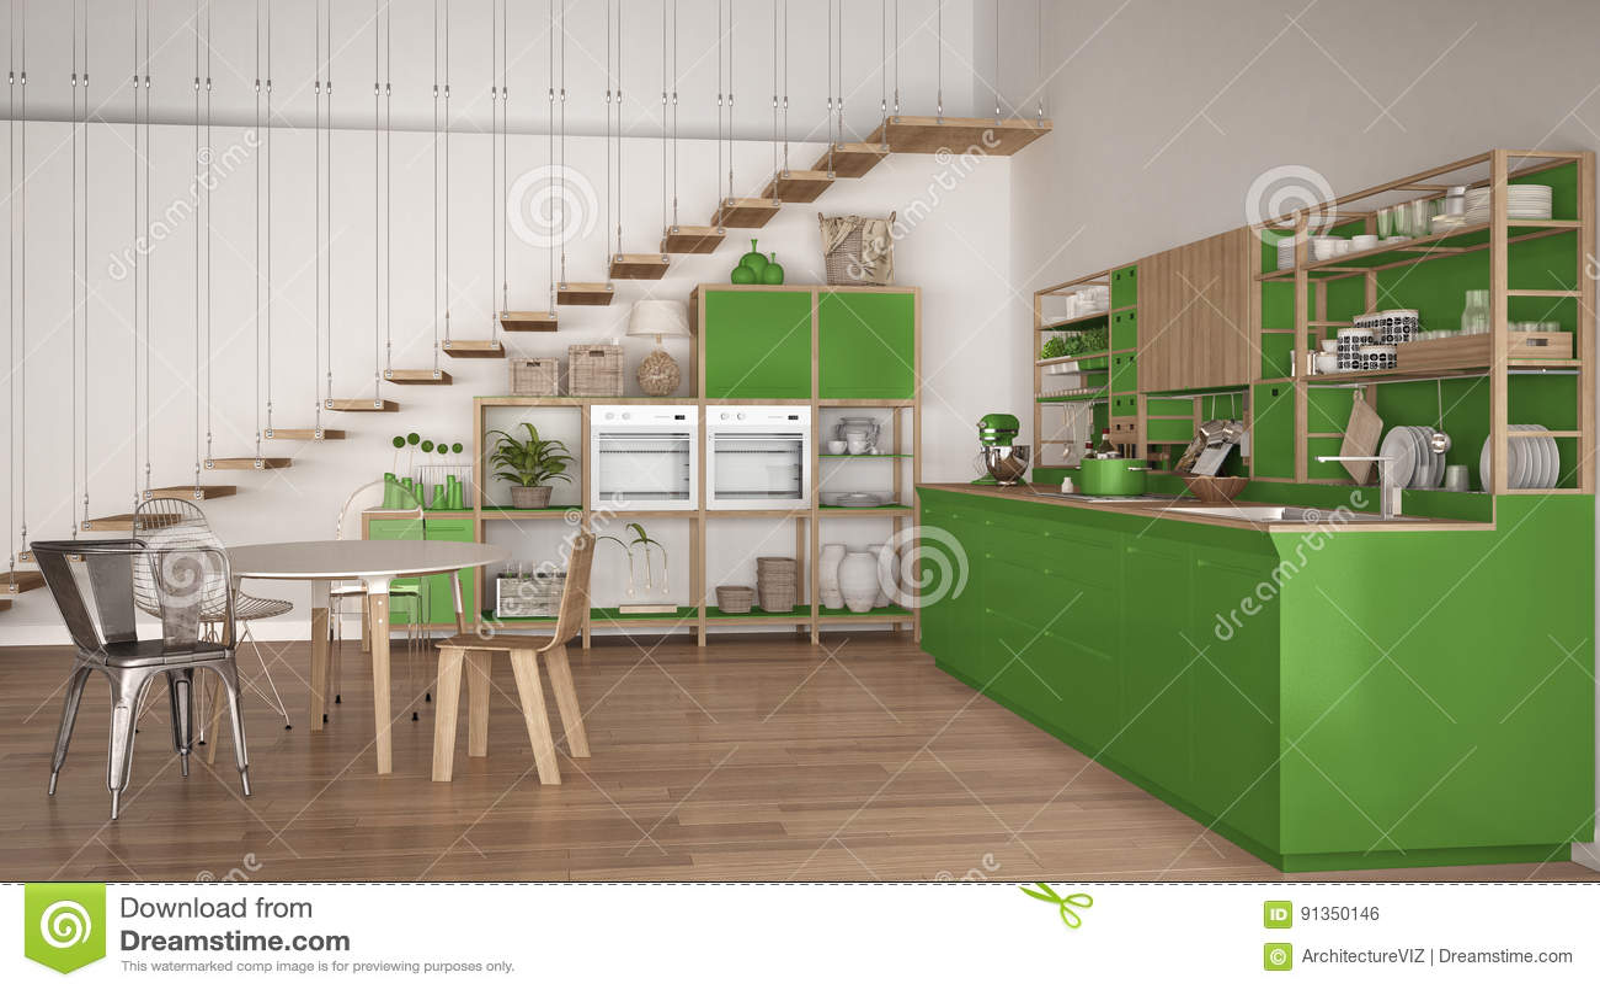 Minimalistyczna Biala I Zielona Drewniana Kuchnia Loft Z Schodkami